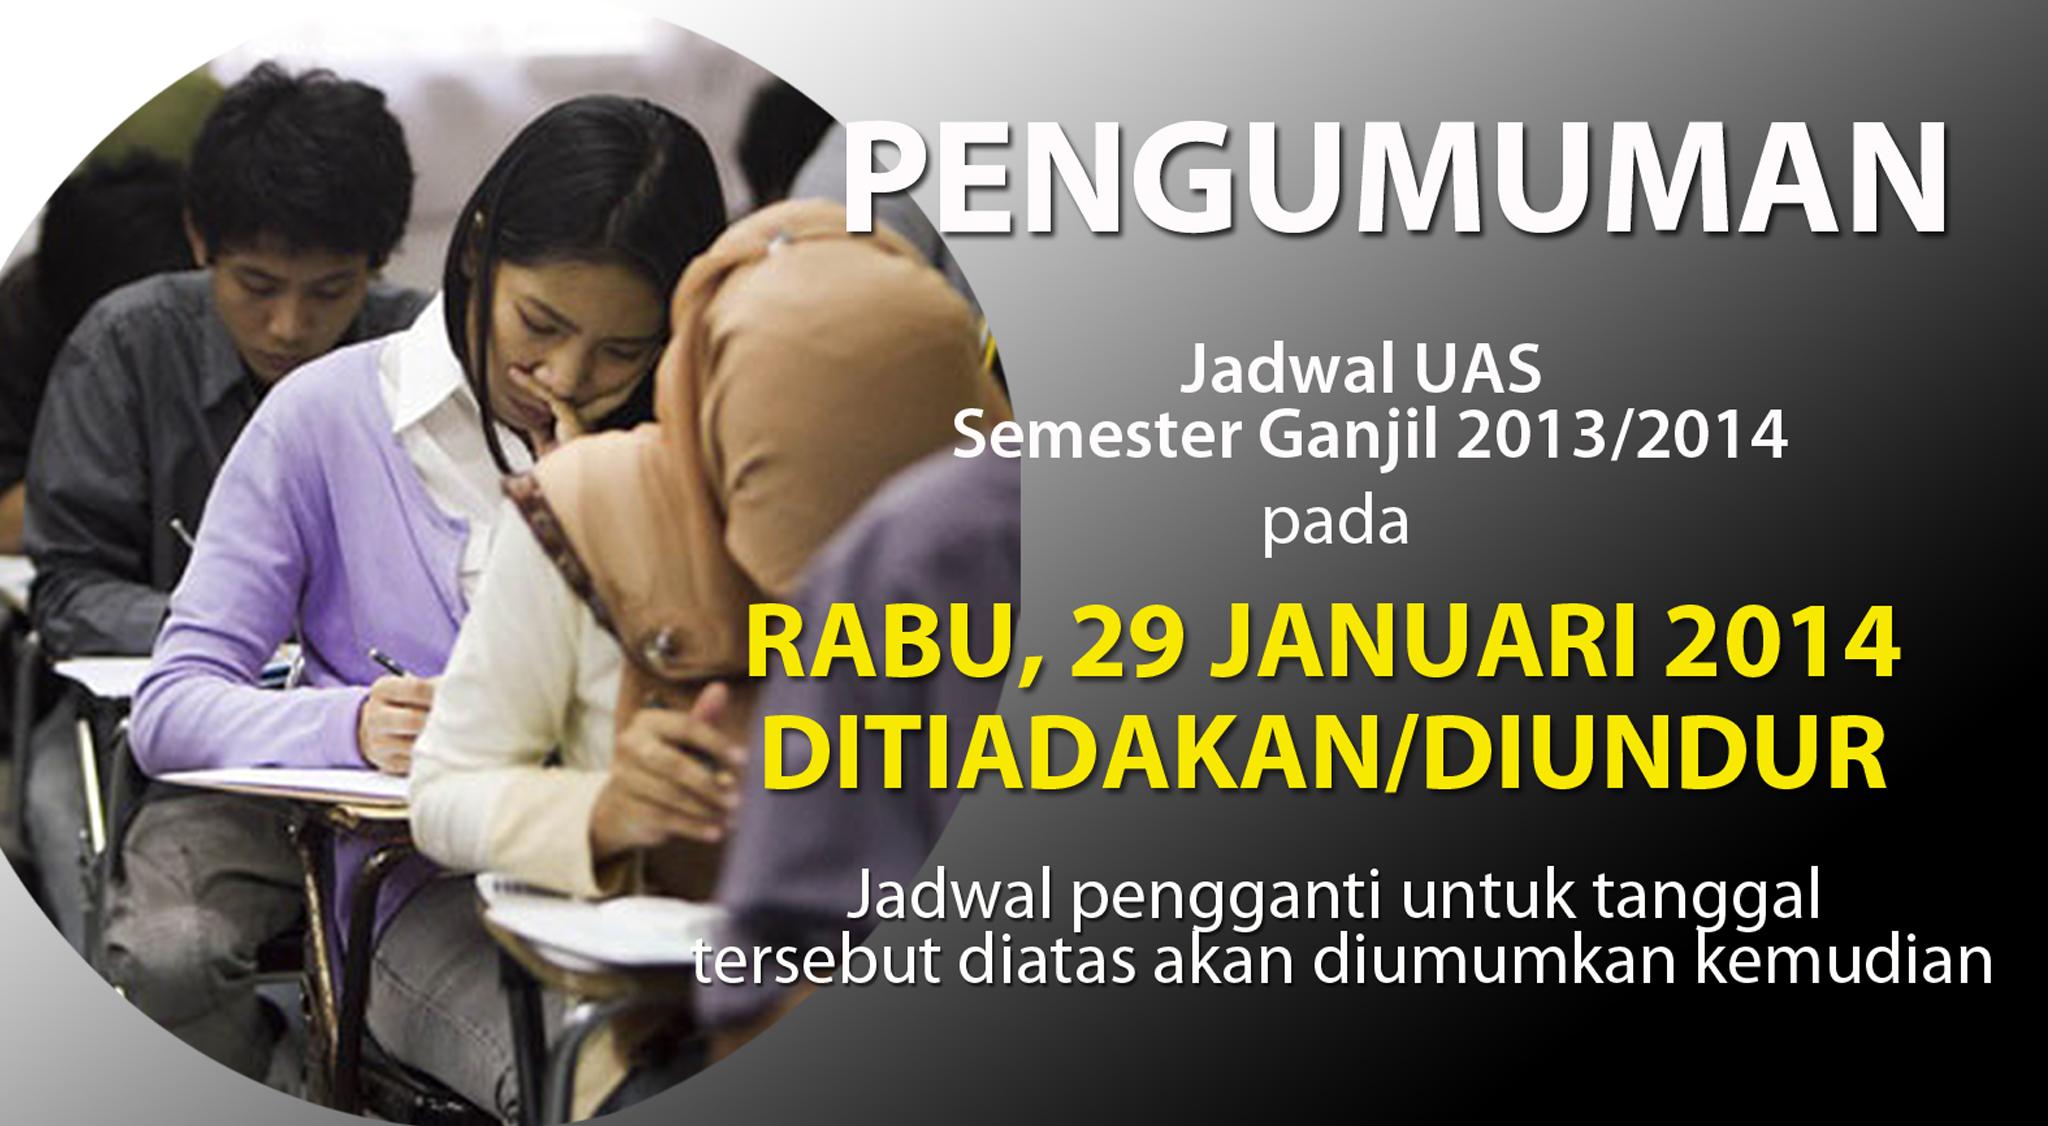 """Pengumuman """" Jadwal UAS Sem. Ganjil 2013/2014 pada Rabu, 29 Januari 2014 ditiadakan/diundur"""""""